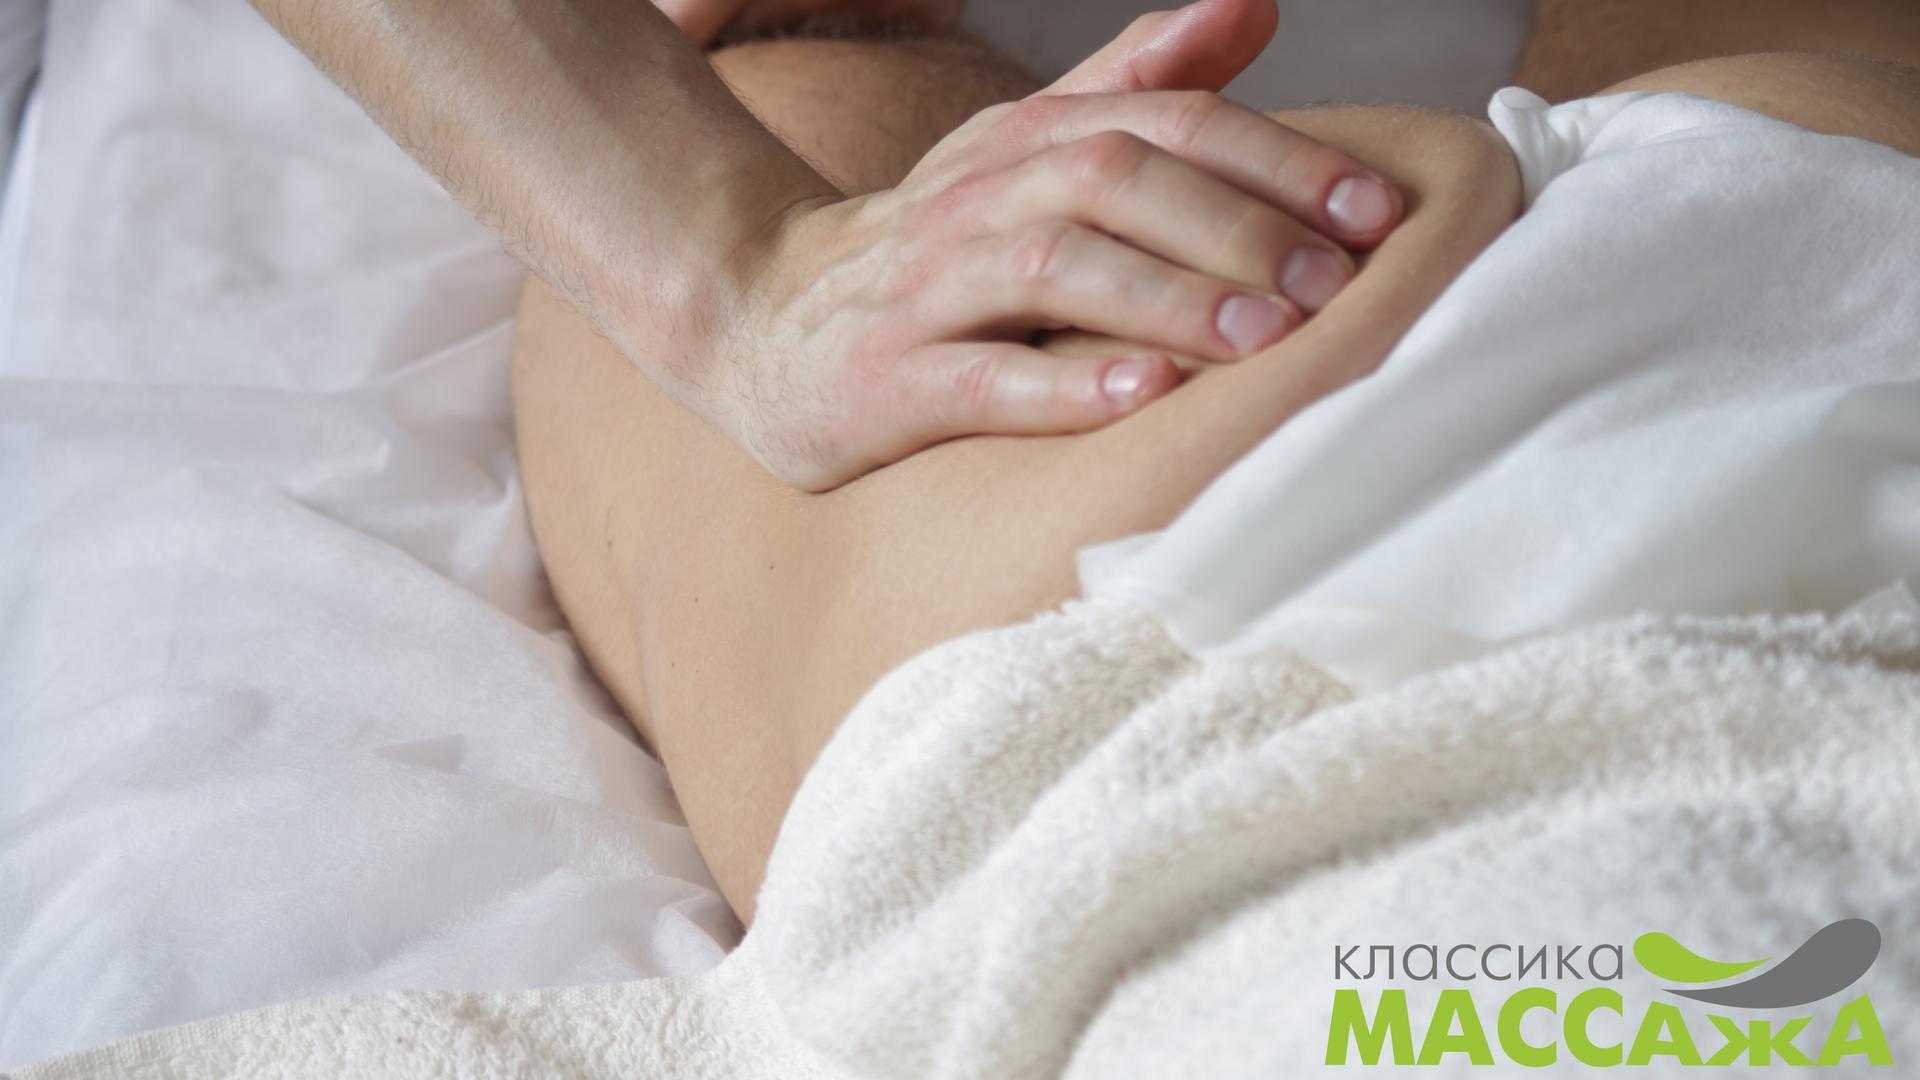 Секс принудительный на массаже, Порно видео с массажем, делает массаж парню 9 фотография